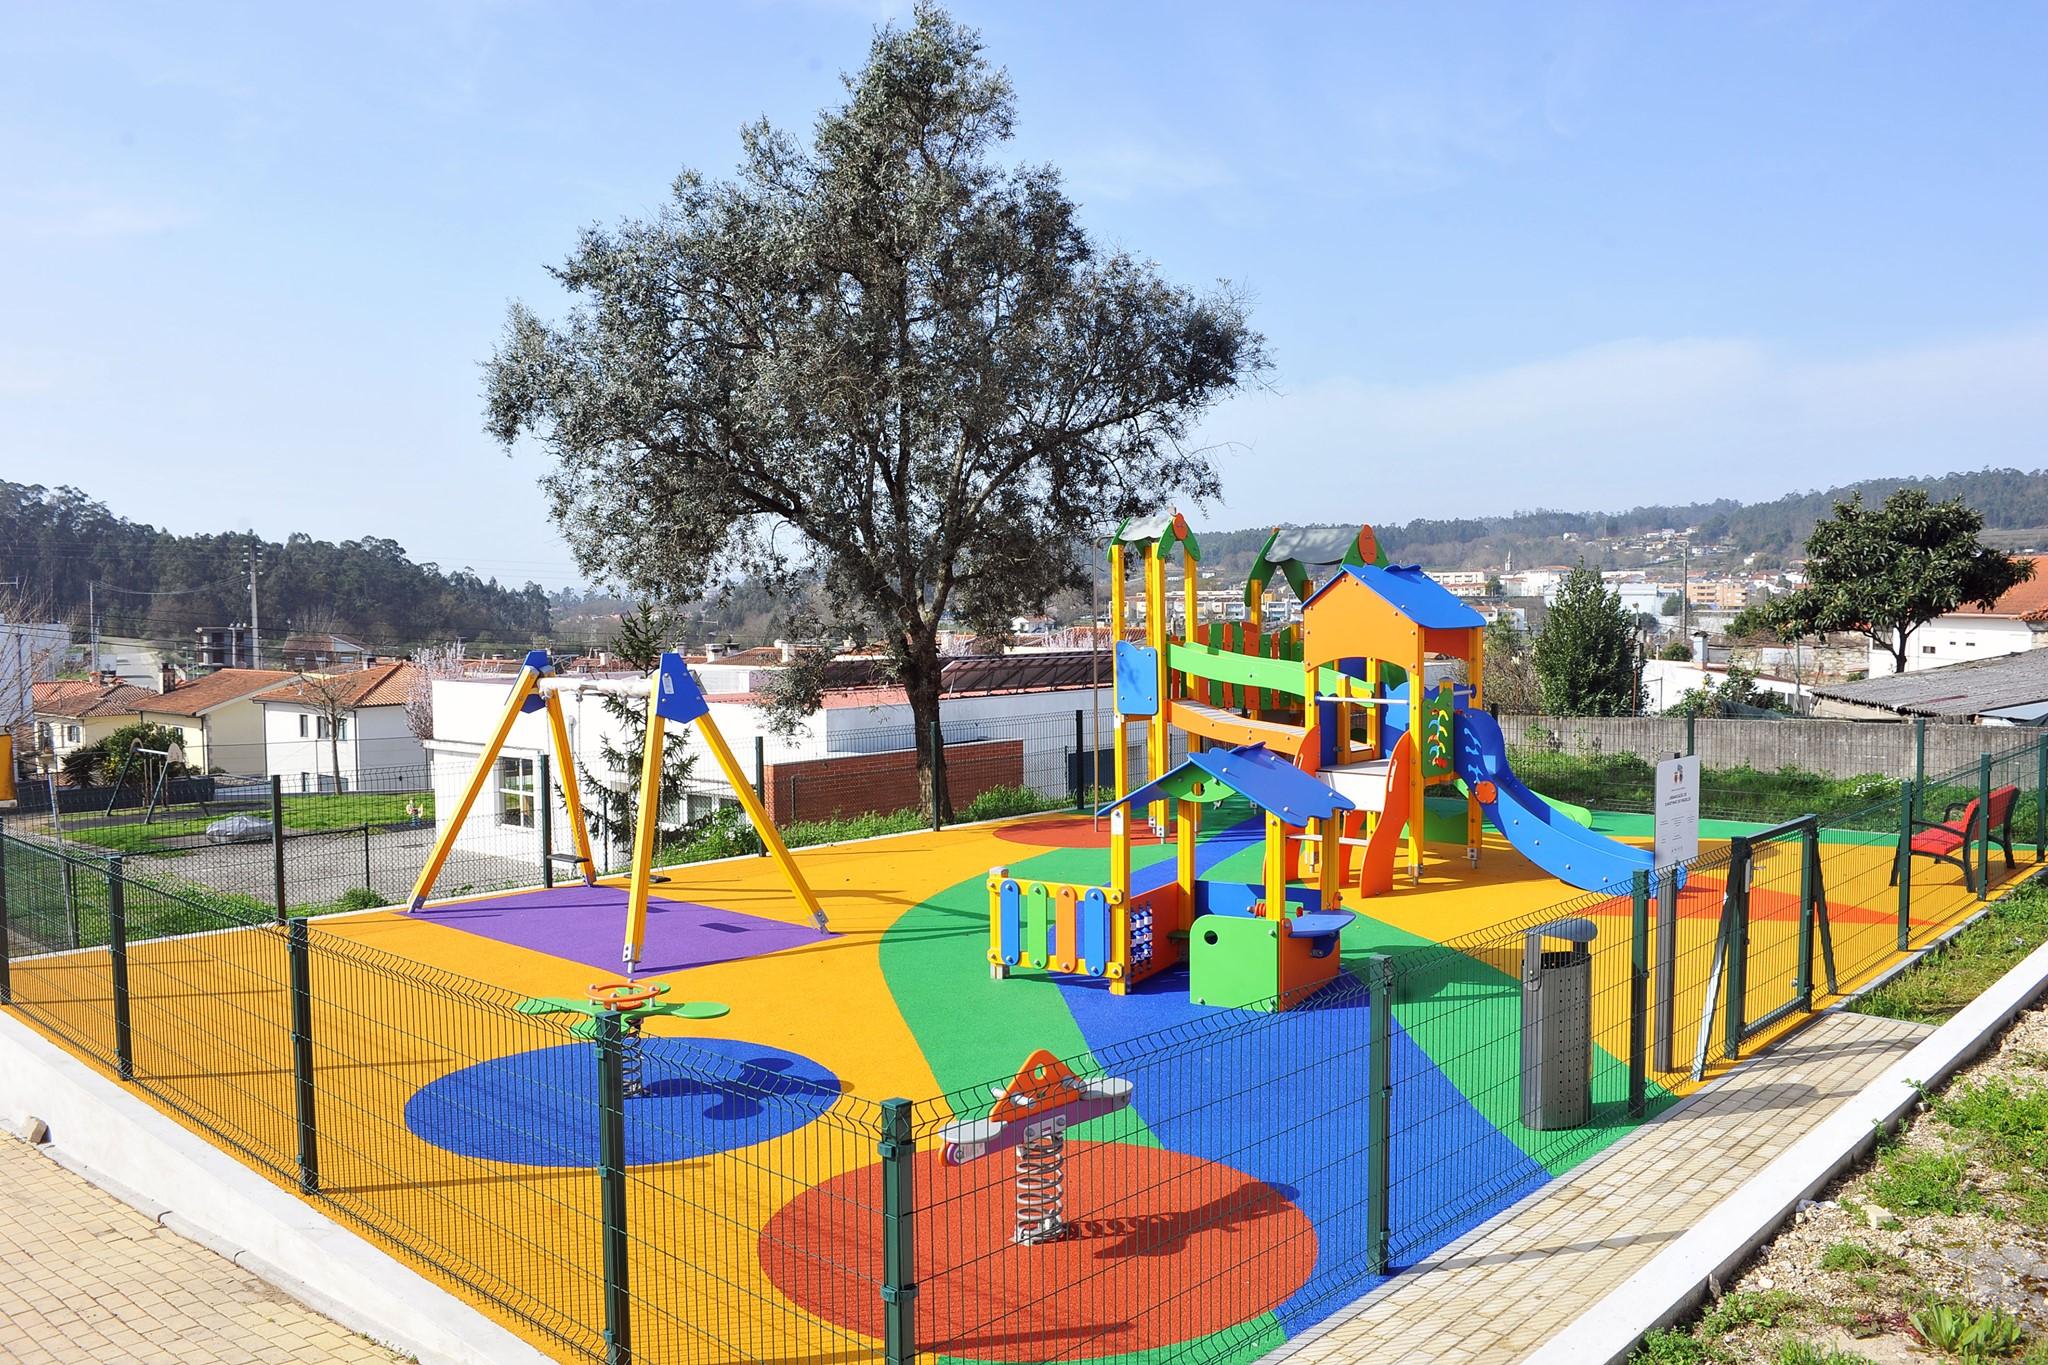 Câmara de Braga esclarece: frequência de parques infantis públicos está autorizada